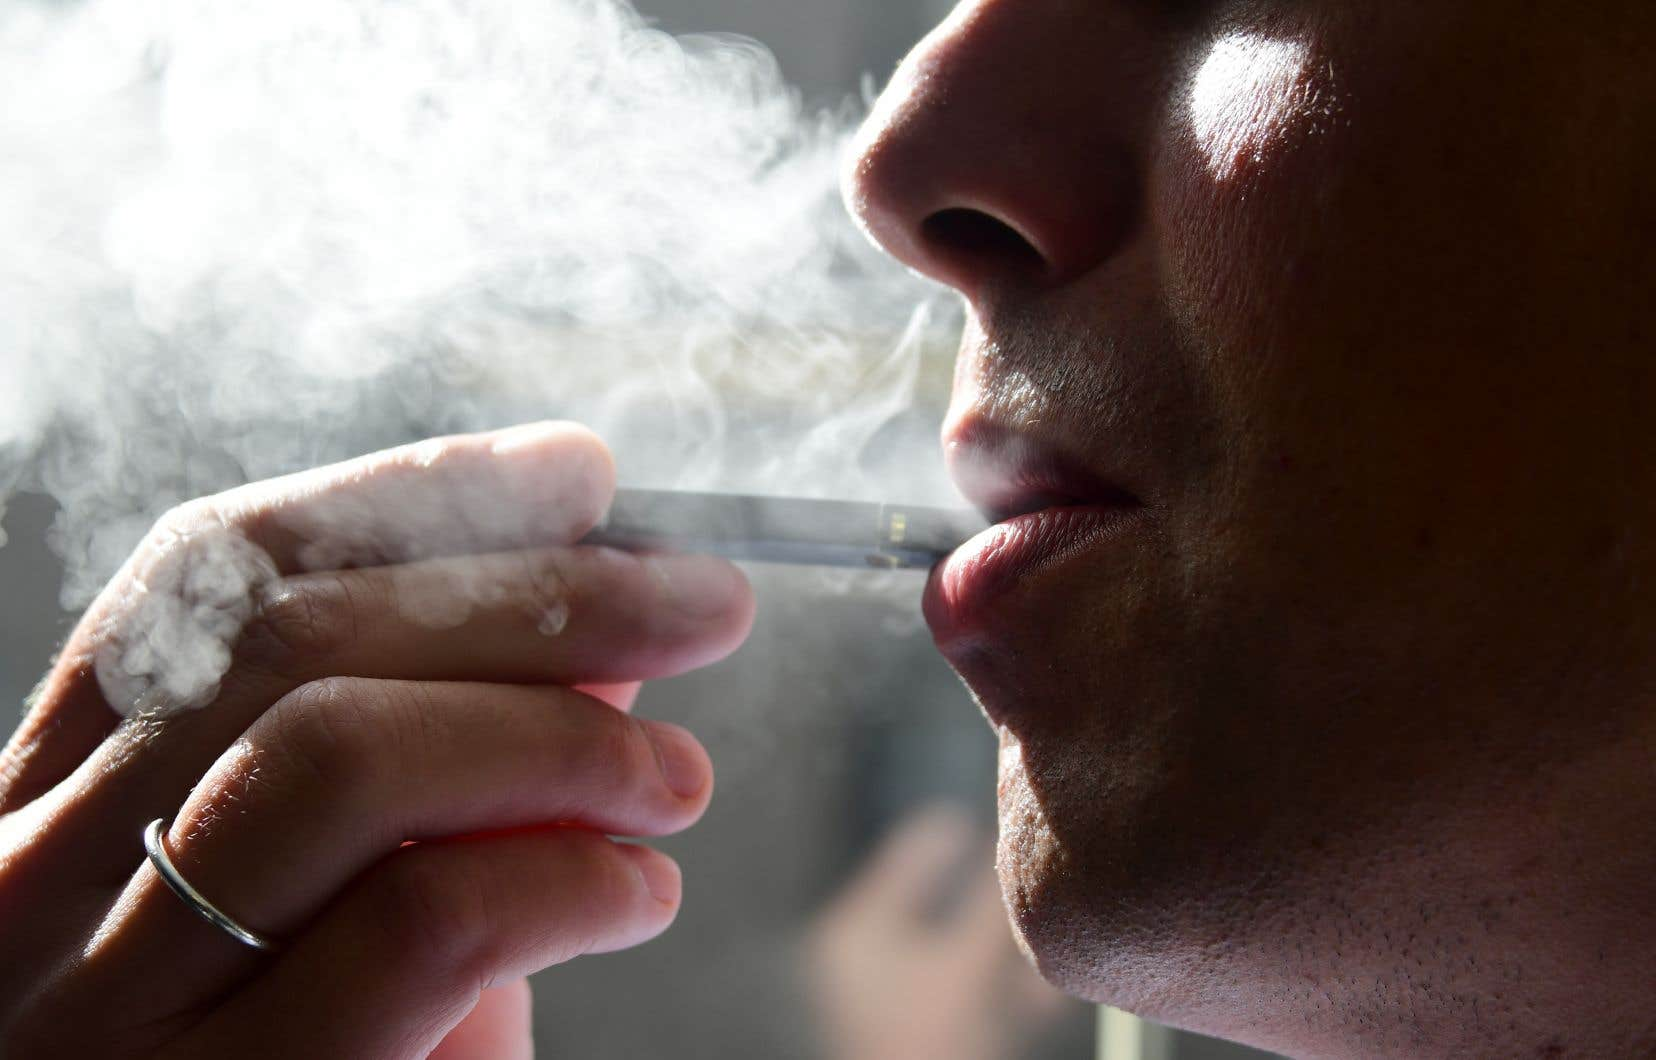 Santé Canada avait récemment demandé aux vapoteurs de surveiller tout symptôme respiratoire suspect après qu'une vague de cas eut émergé aux États-Unis.